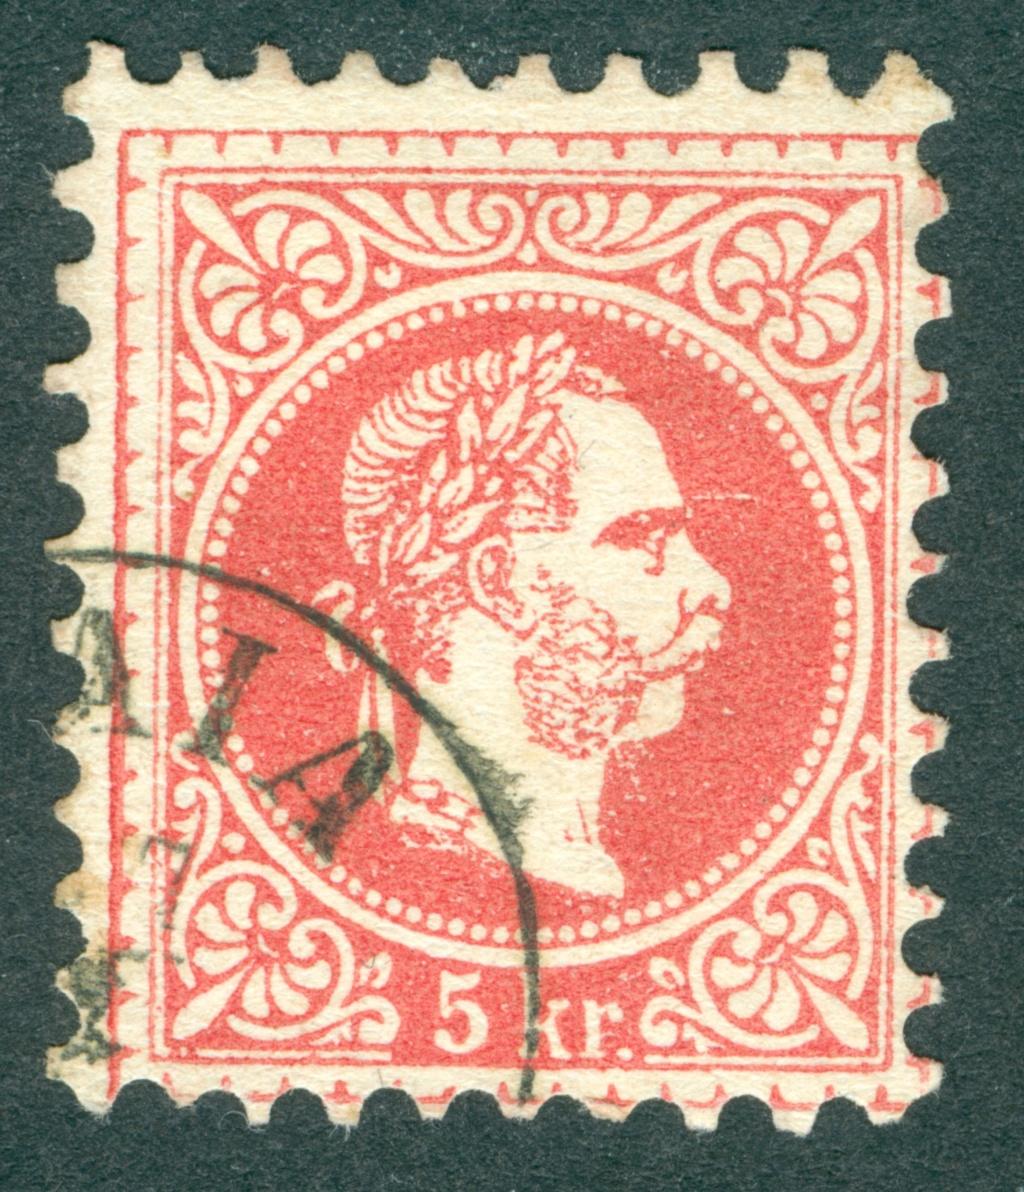 Nachtrag - Freimarken-Ausgabe 1867 : Kopfbildnis Kaiser Franz Joseph I - Seite 22 Ohre_311